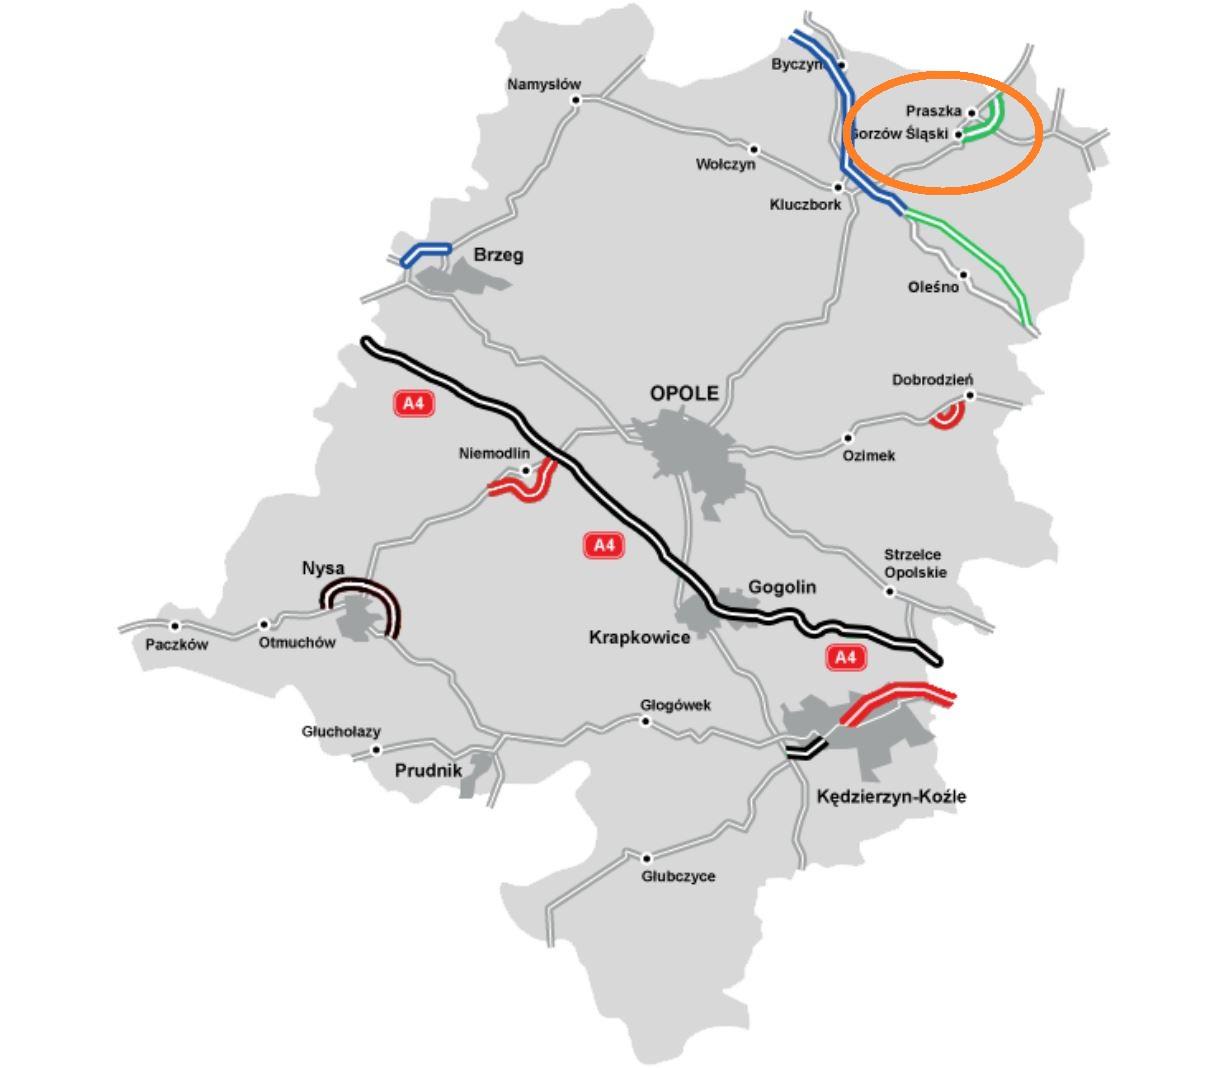 Na mapie zaznaczono drogi w użytkowaniu - na czarno, w realizacji - na czerwono, w przetargu - na zielono oraz w planowaniu - na niebiesko. fot. GDDKiA.